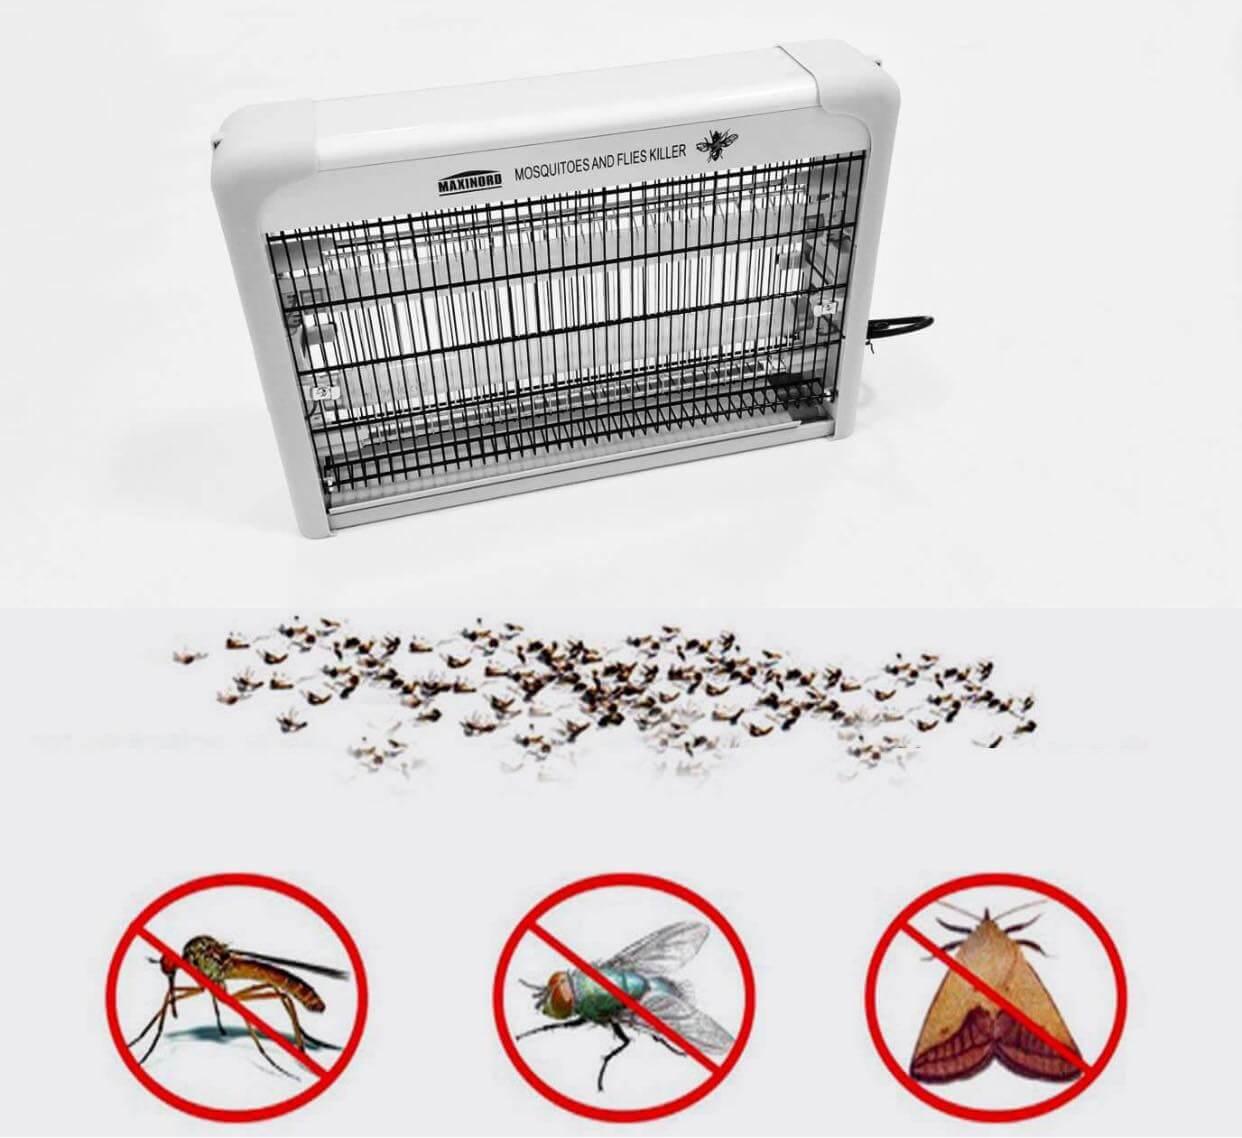 جهاز صعق الحشرات الكهربائي - 20 واط